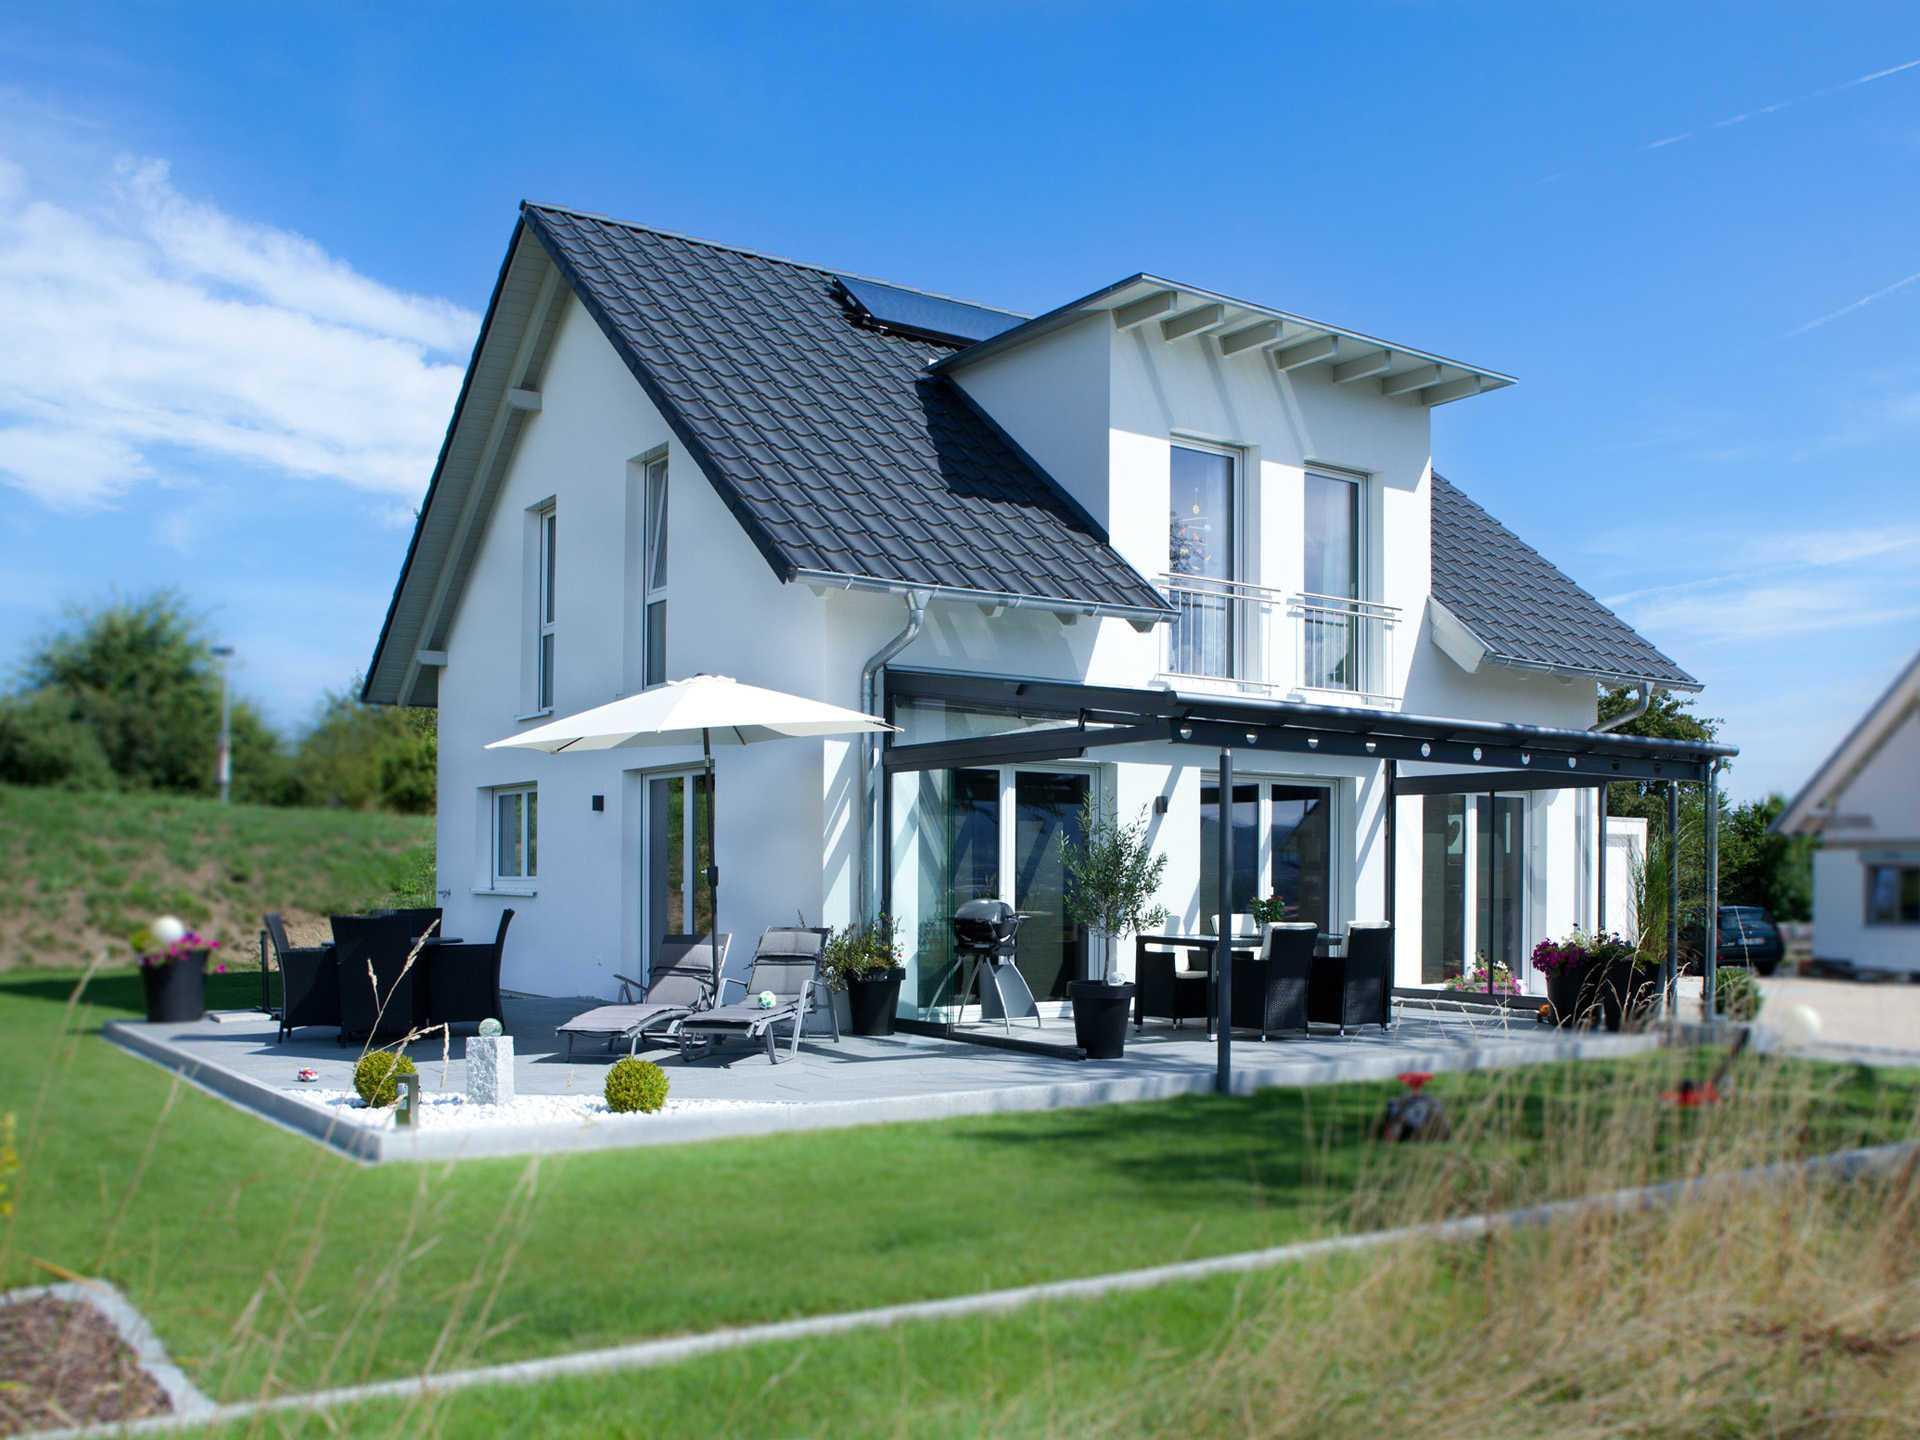 FBW Fertigbau Wochner Base Haus 30.250